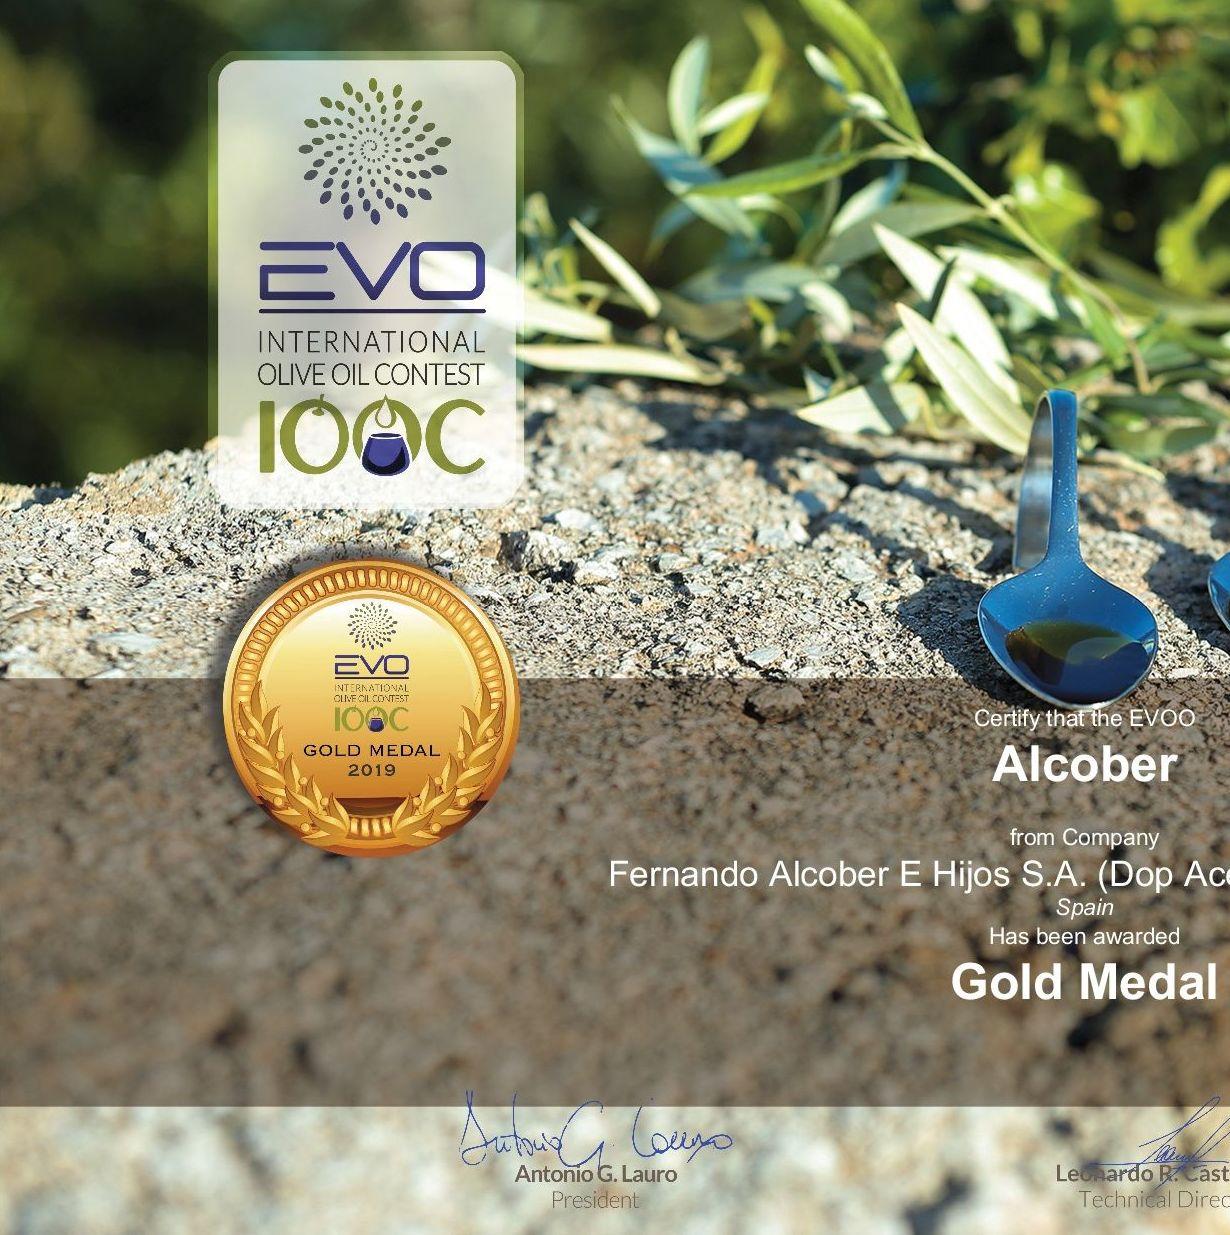 Medalla de Oro en el Certamen EVO IOOC